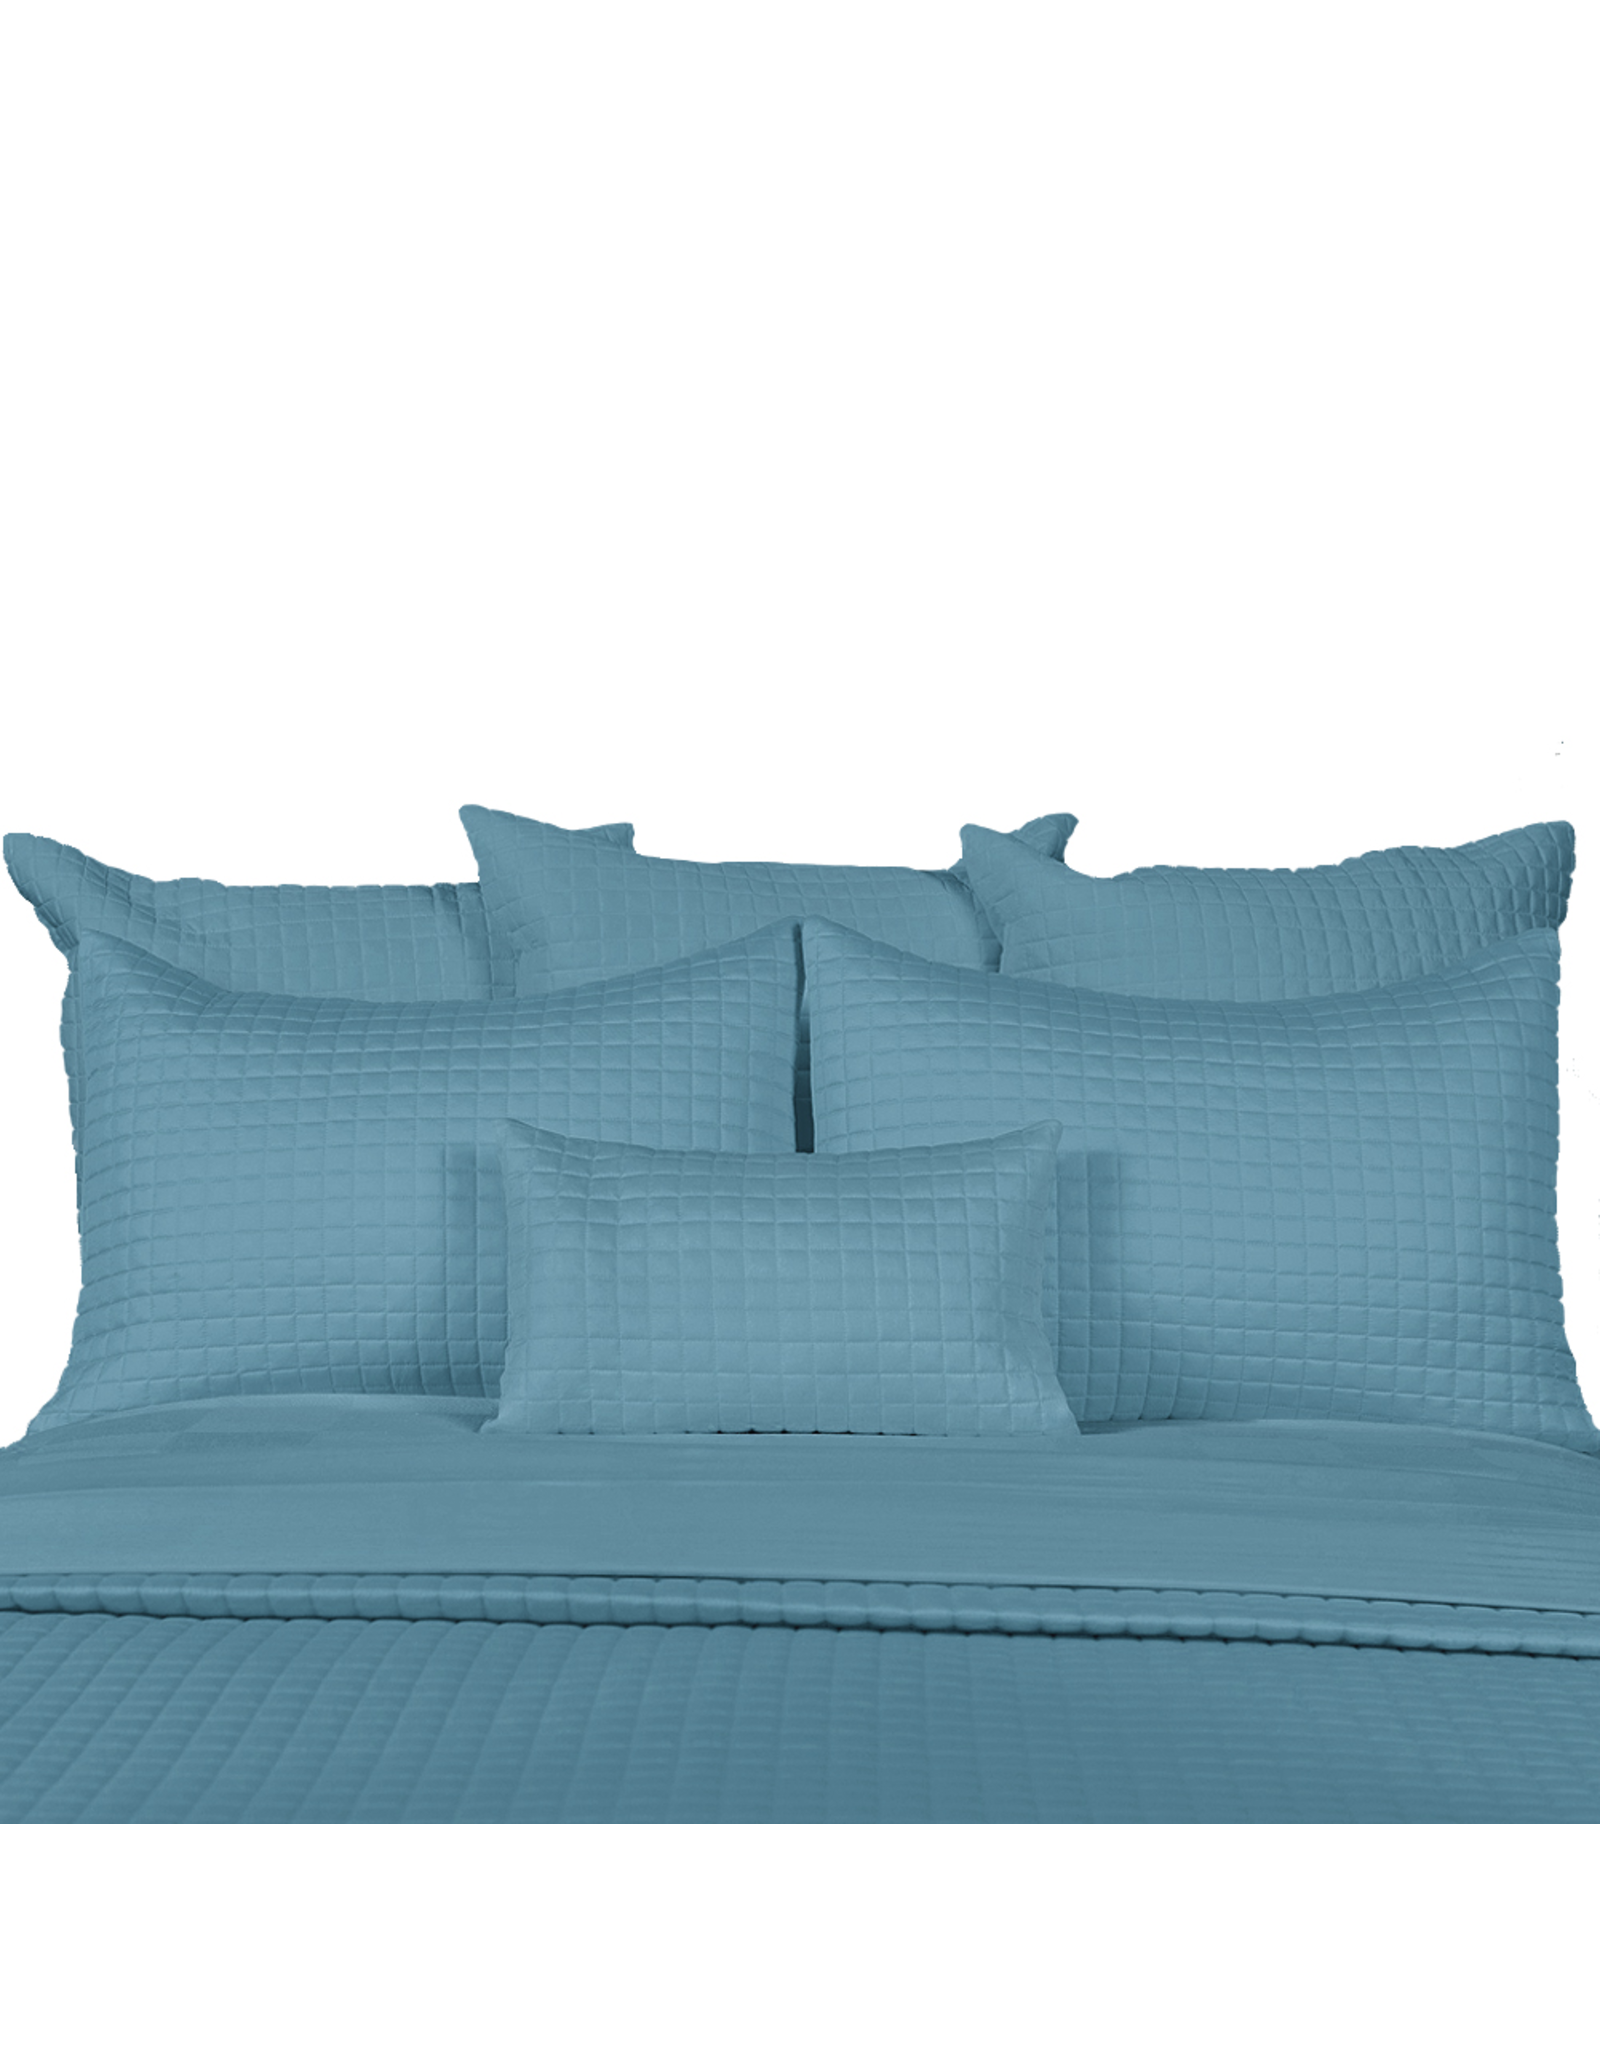 Home Source International Bamboo Box Quilt Boudoir Pillow Shams 12x18 Sea Glass